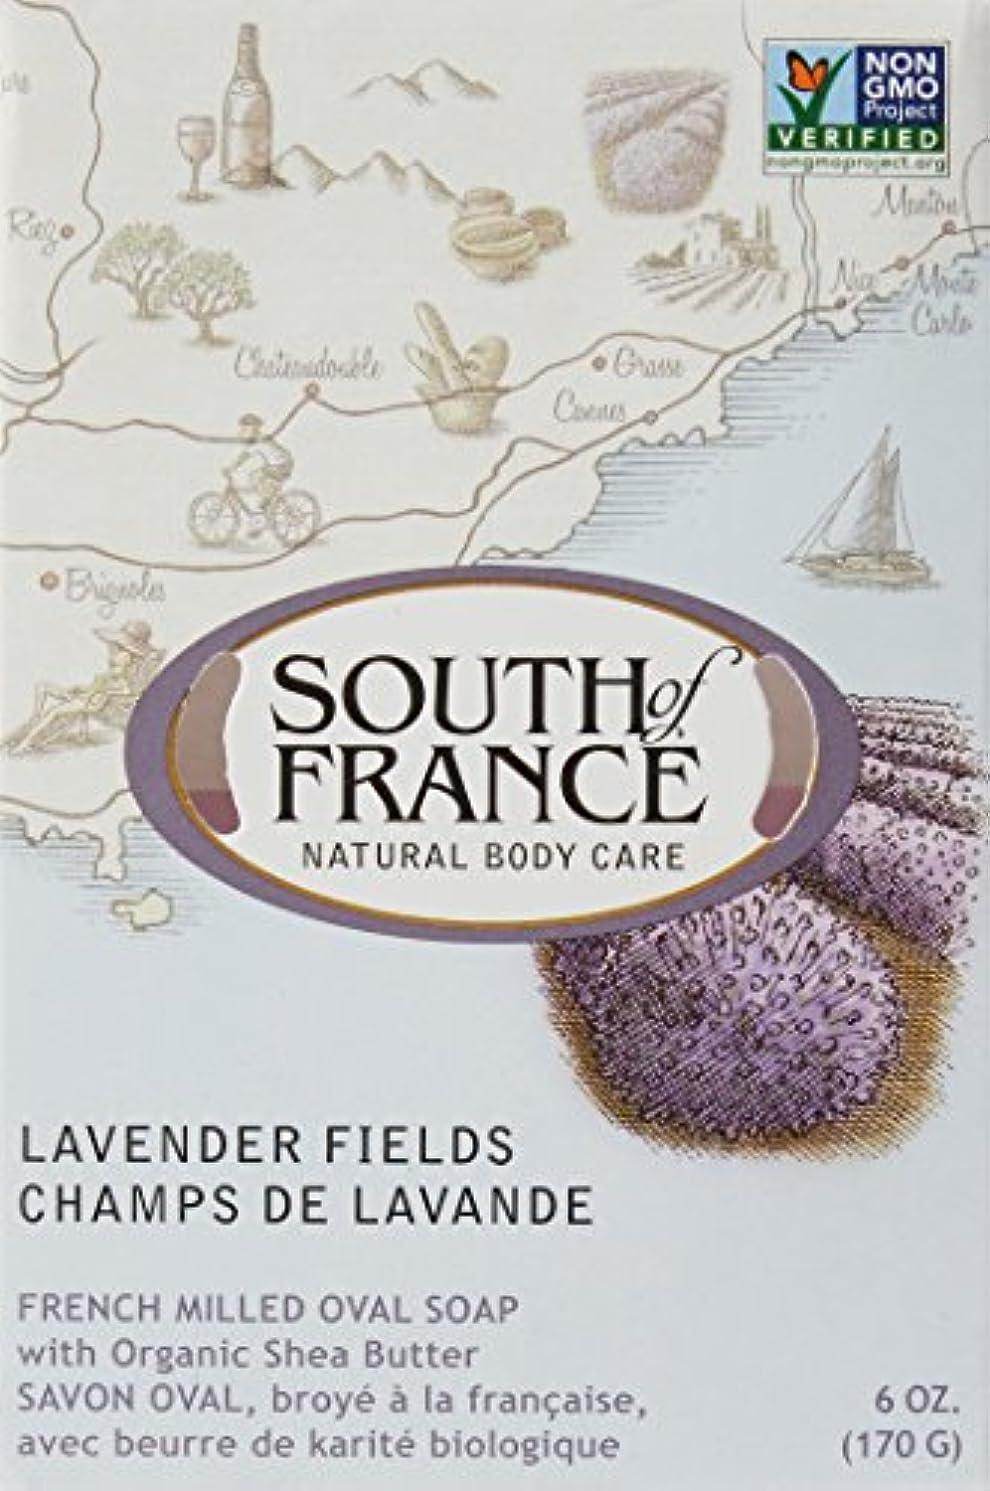 アンテナヘッジアコードSouth of France - フランスの製粉された野菜棒石鹸のラベンダーは守備につく - 6ポンド